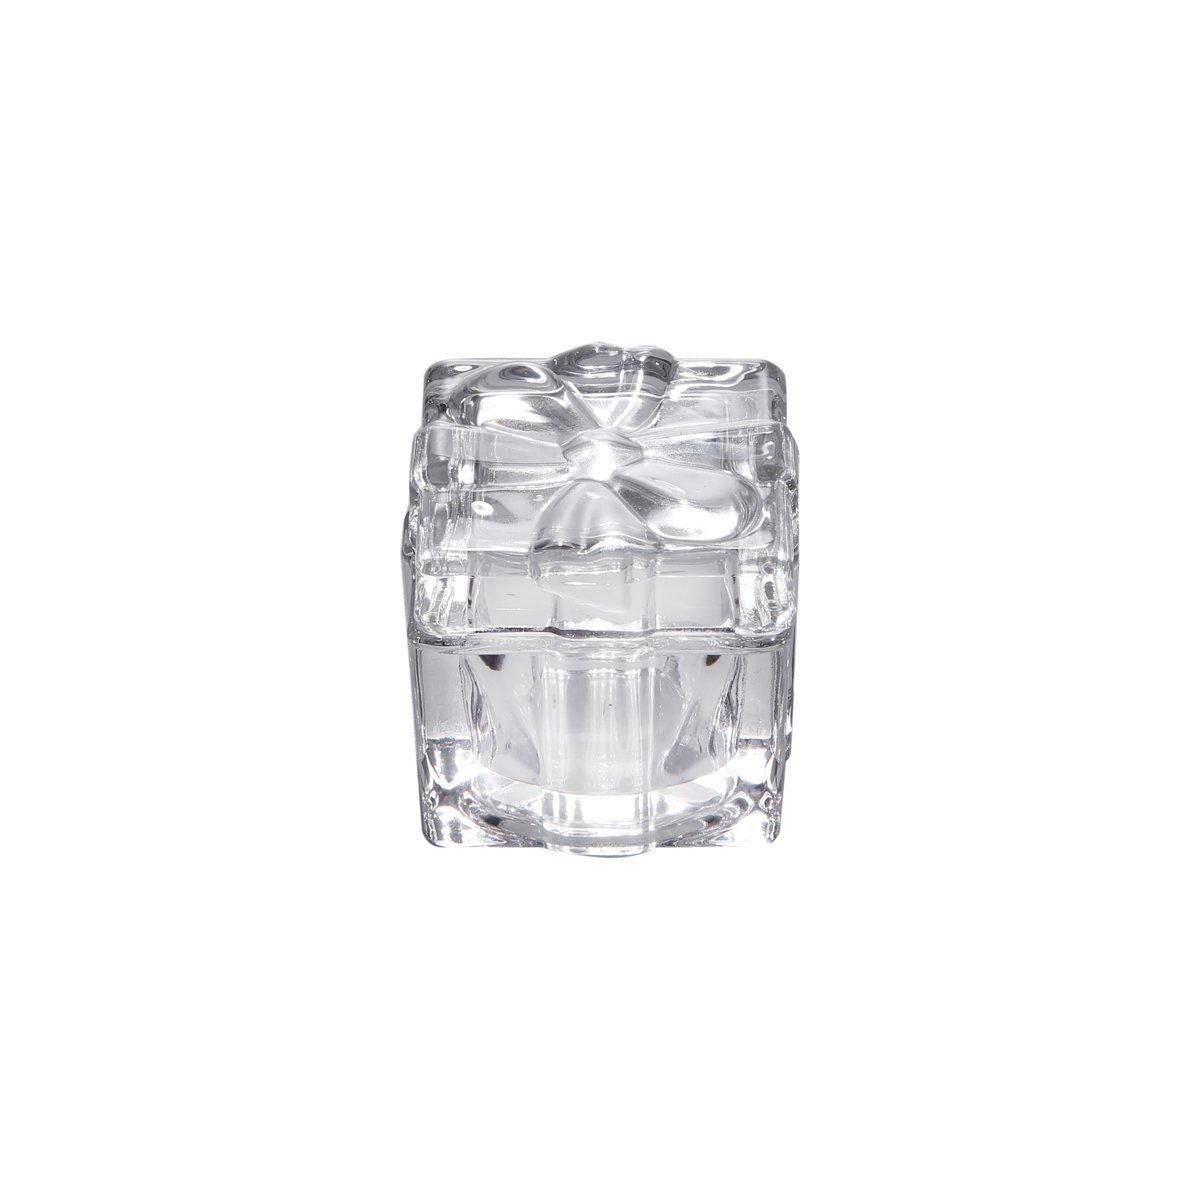 Porta-joias 5 cm de vidro transparente com tampa Aline Bon Gourmet - 2075